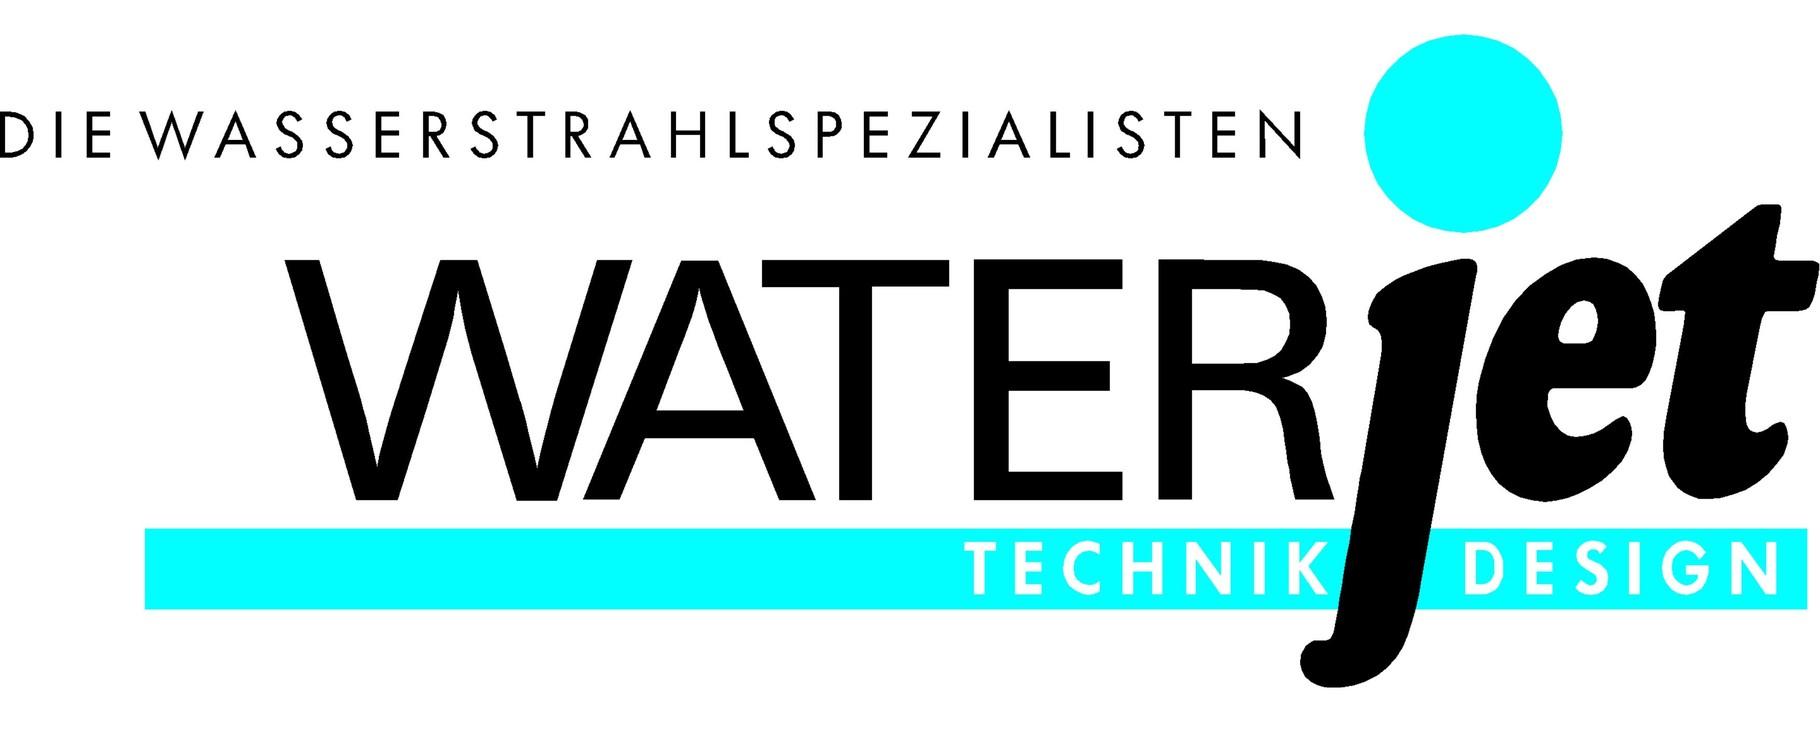 www.waterjet.ch